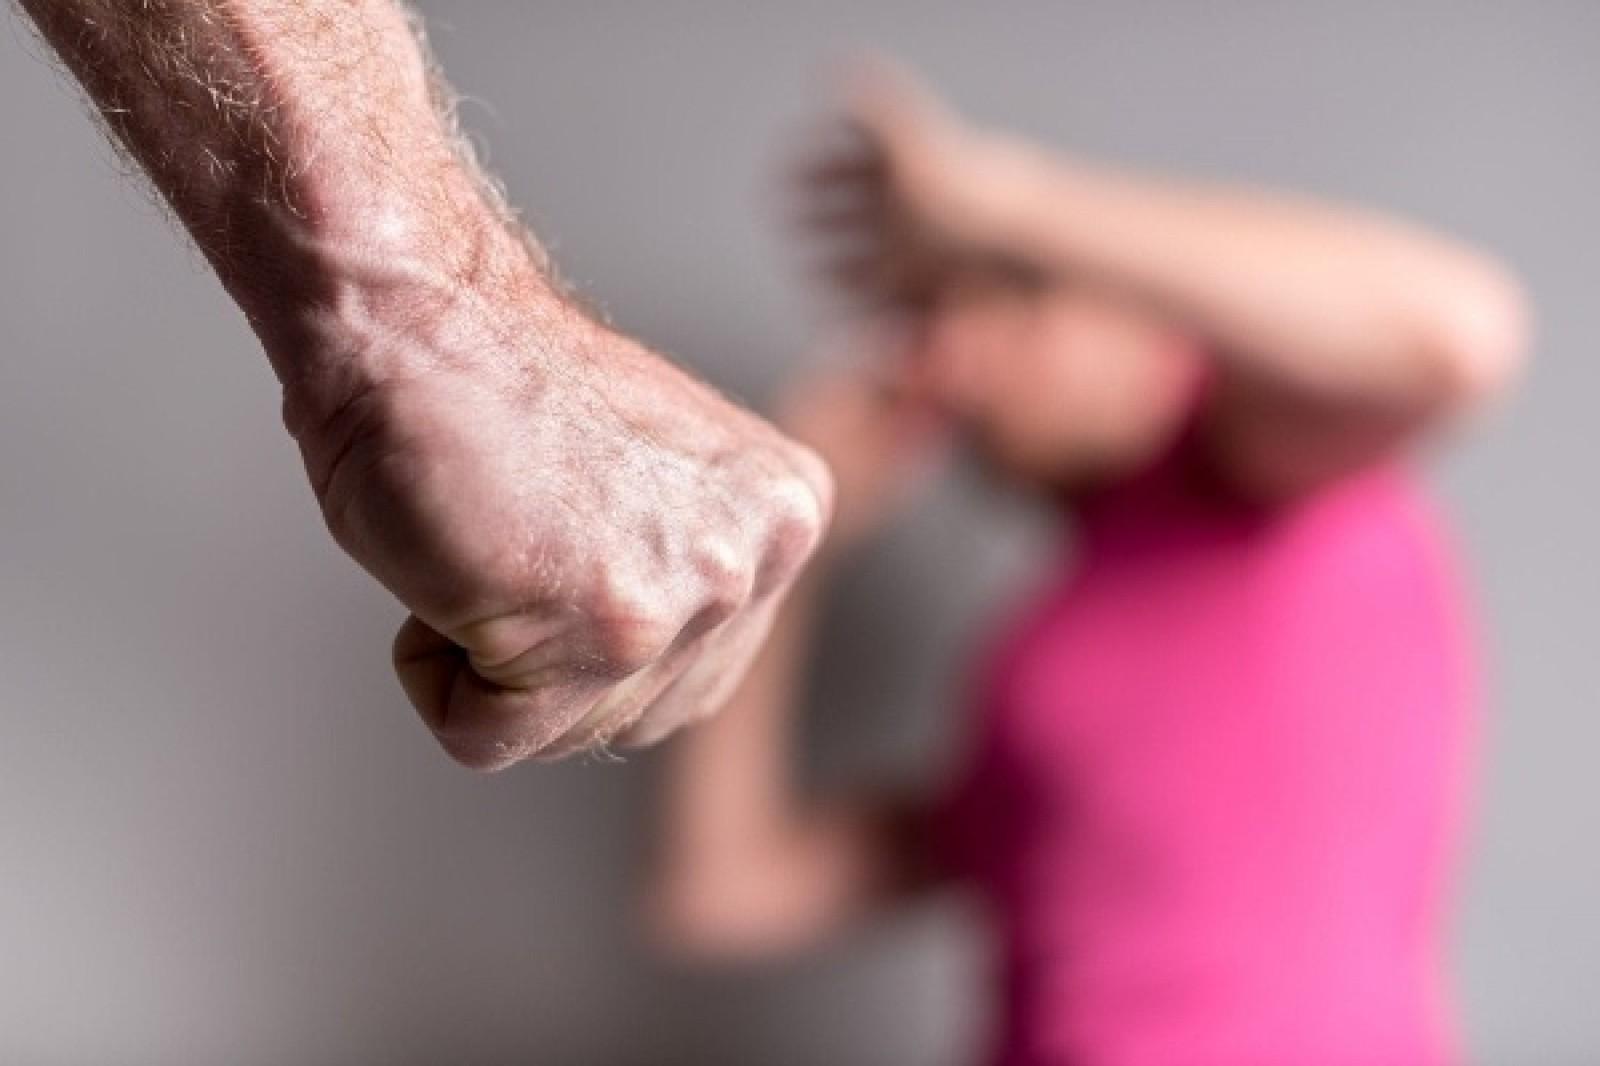 подталкивал Наказание за телесные повреждения средней тяжести будет